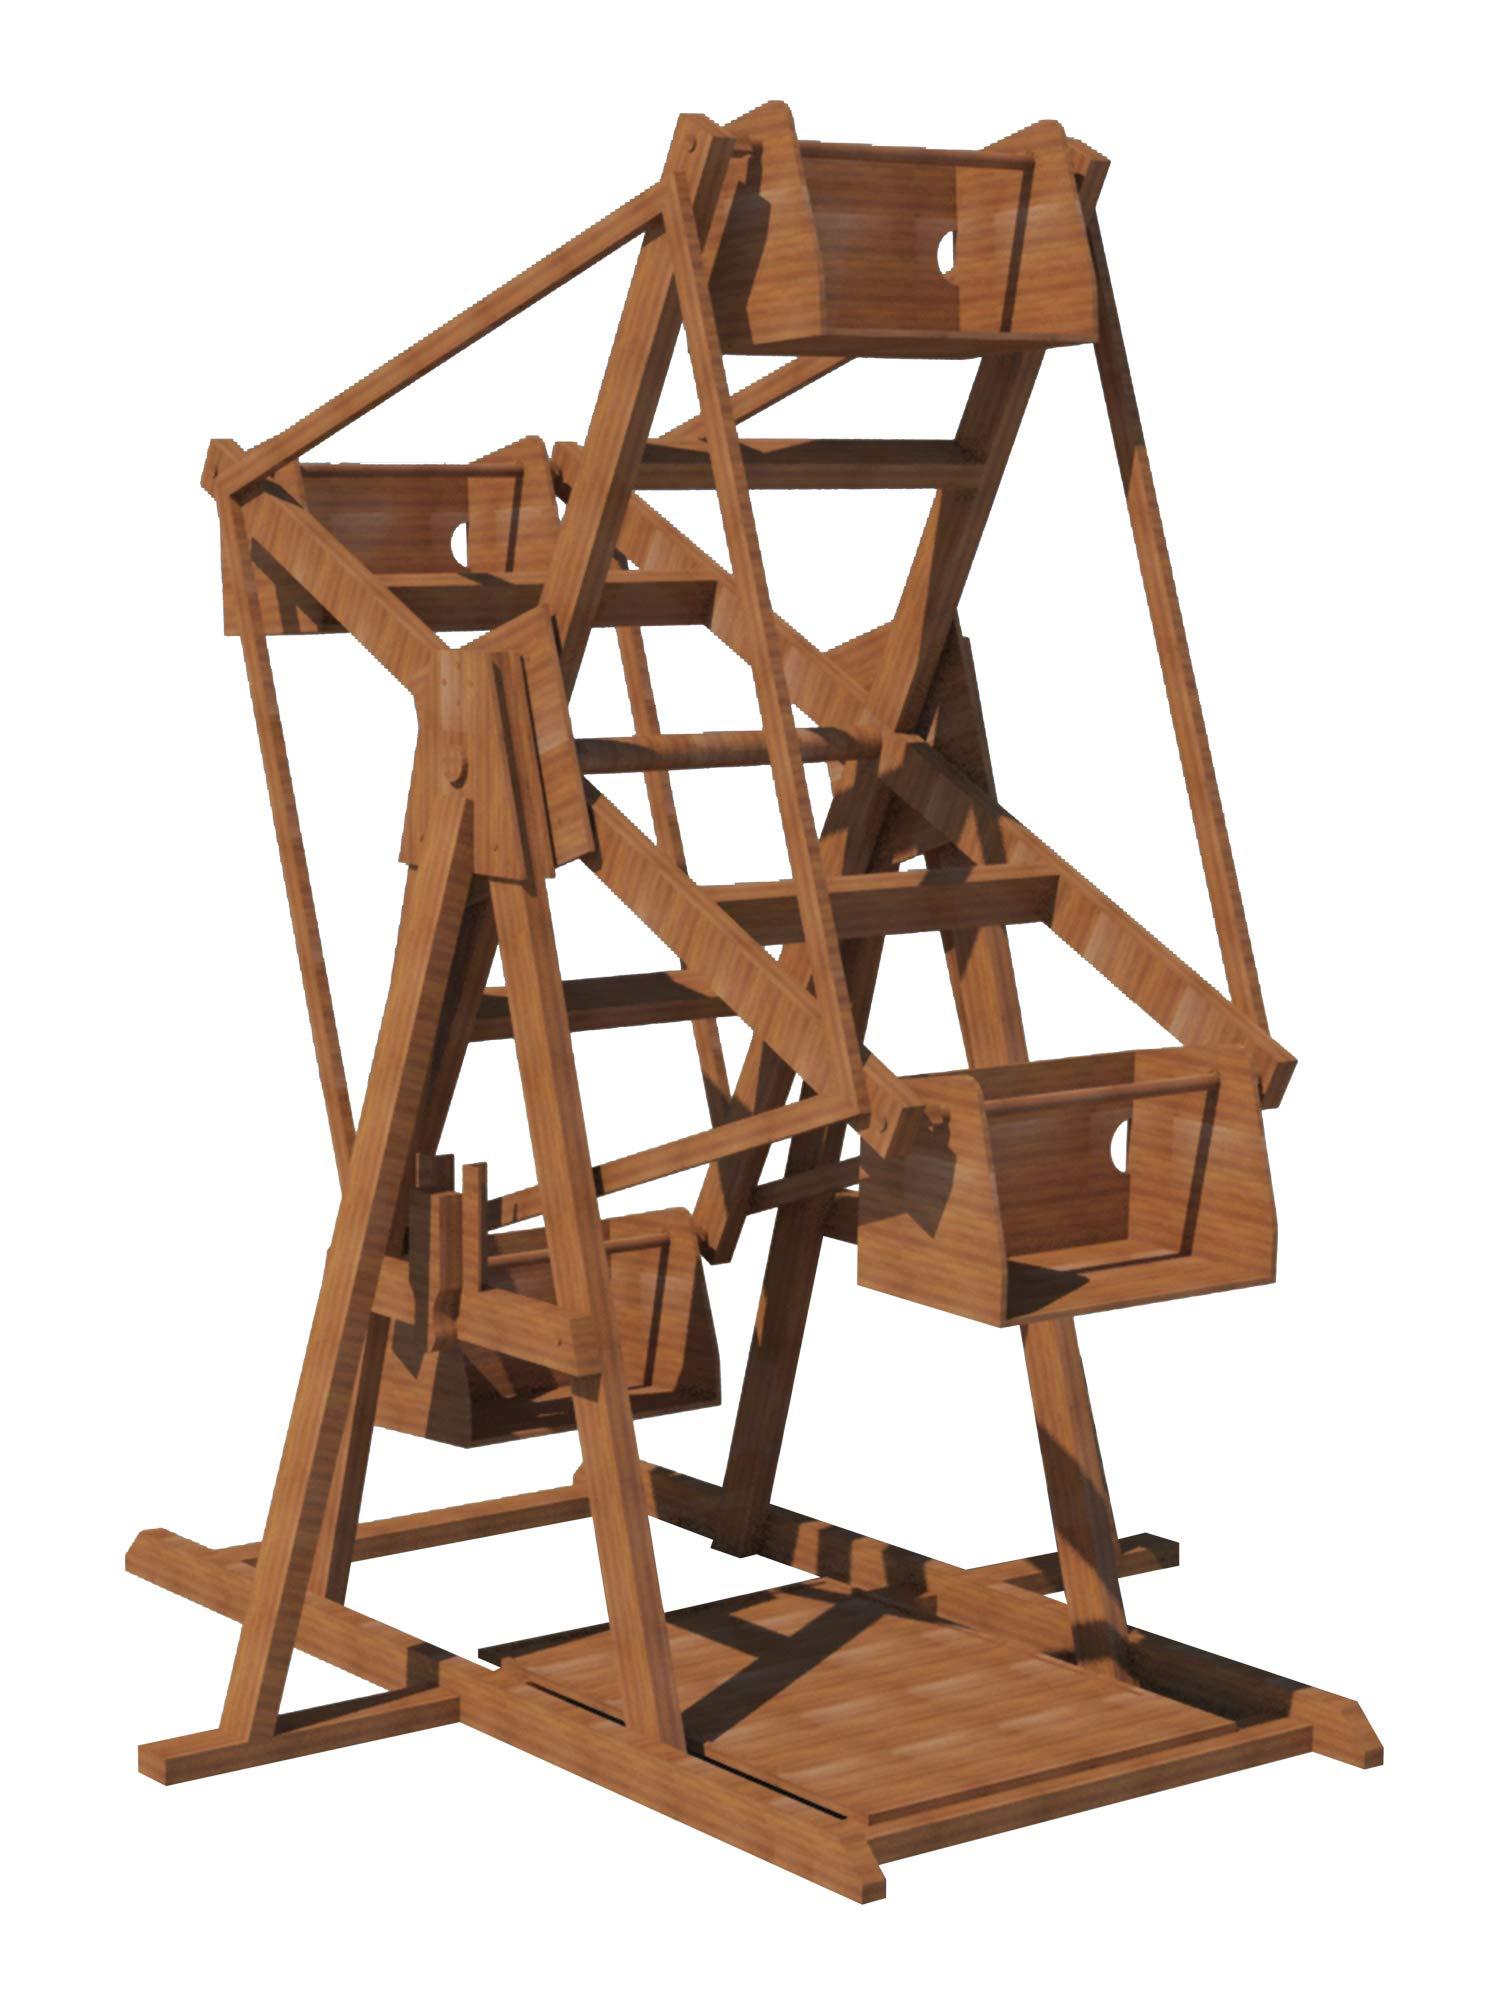 Ferris Wheel Plans Backyard 8' DIY Outdoor Playground Children Toys Woodworking